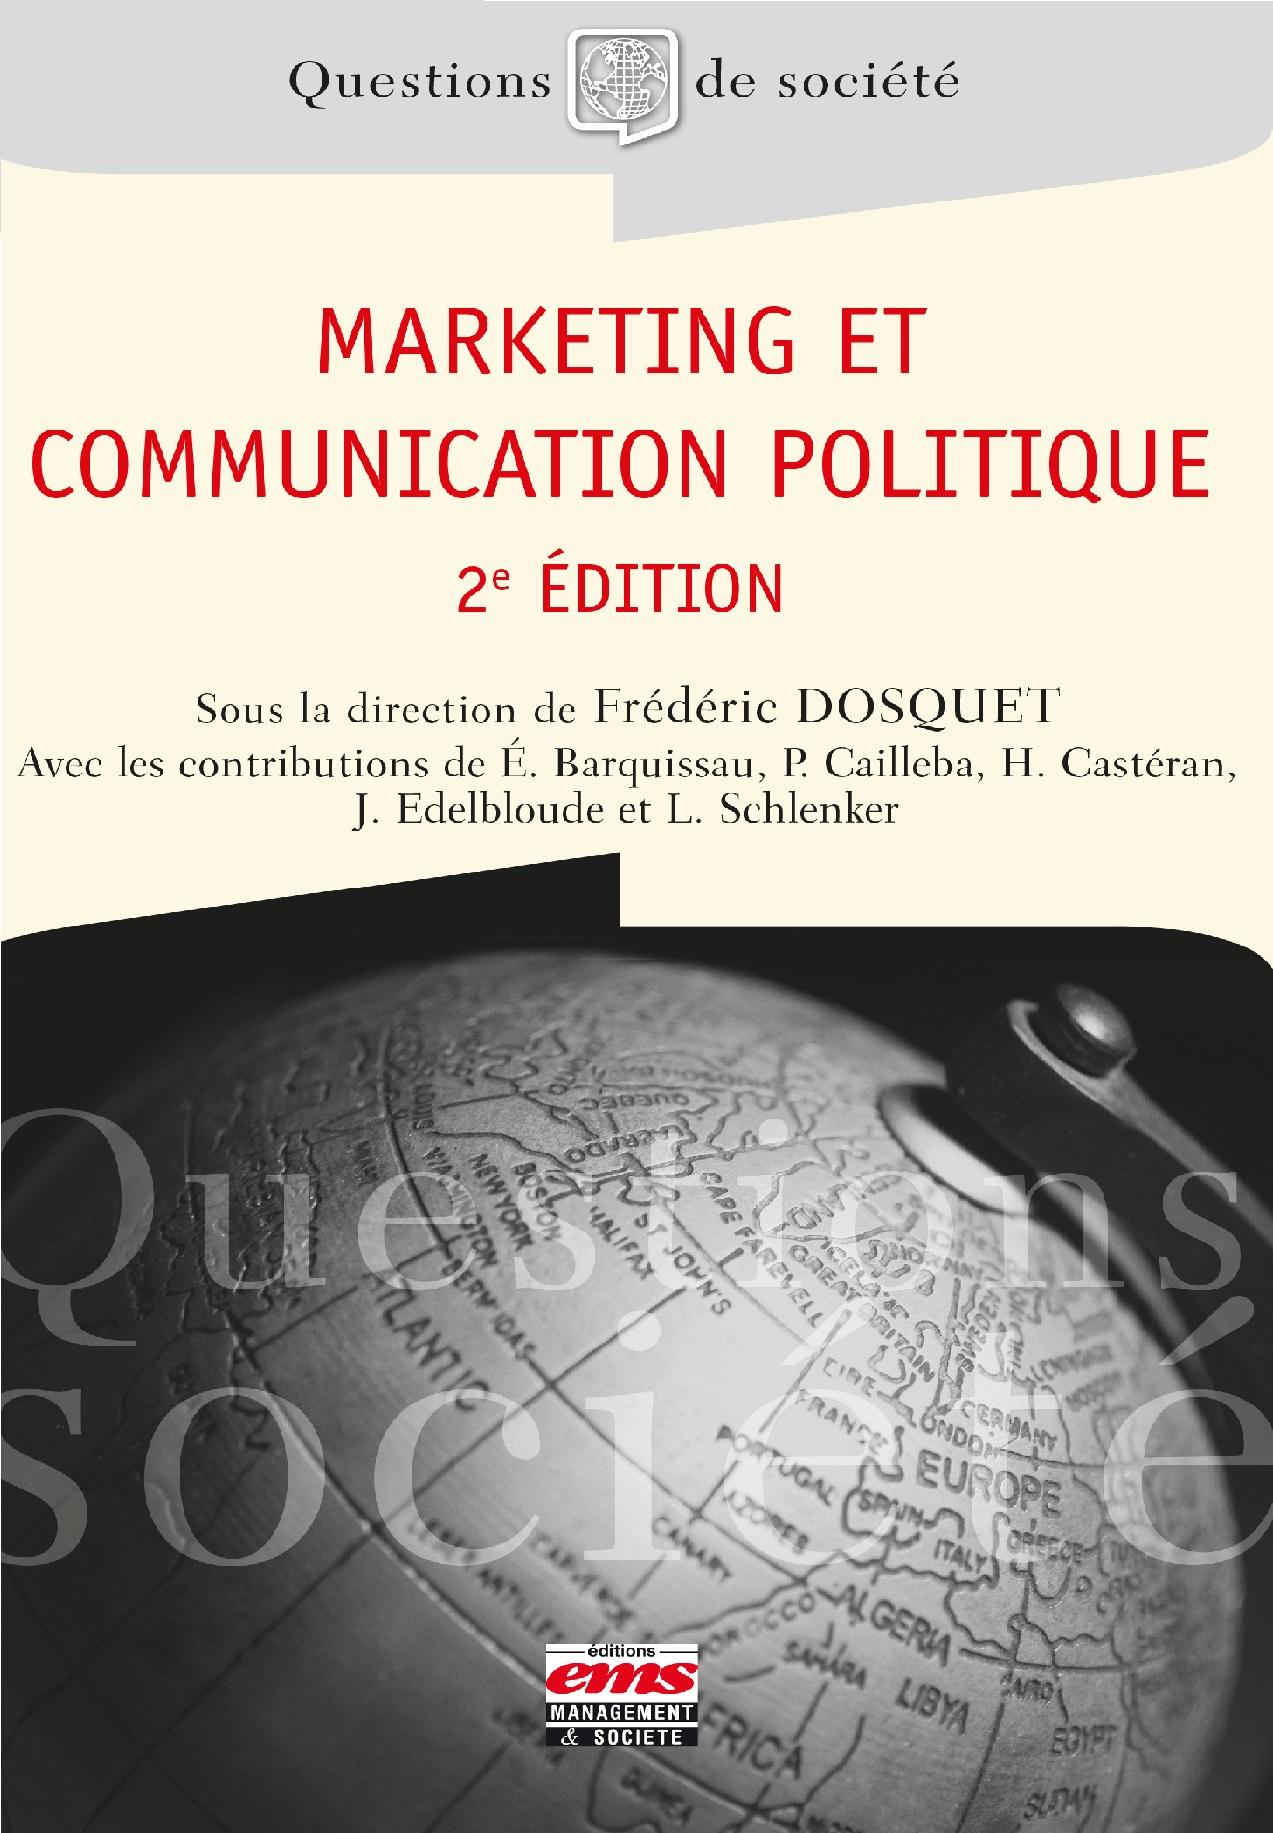 télécharger MARKETING ET COMMUNICATION POLITIQUE - 2E ÉDITION (2017)